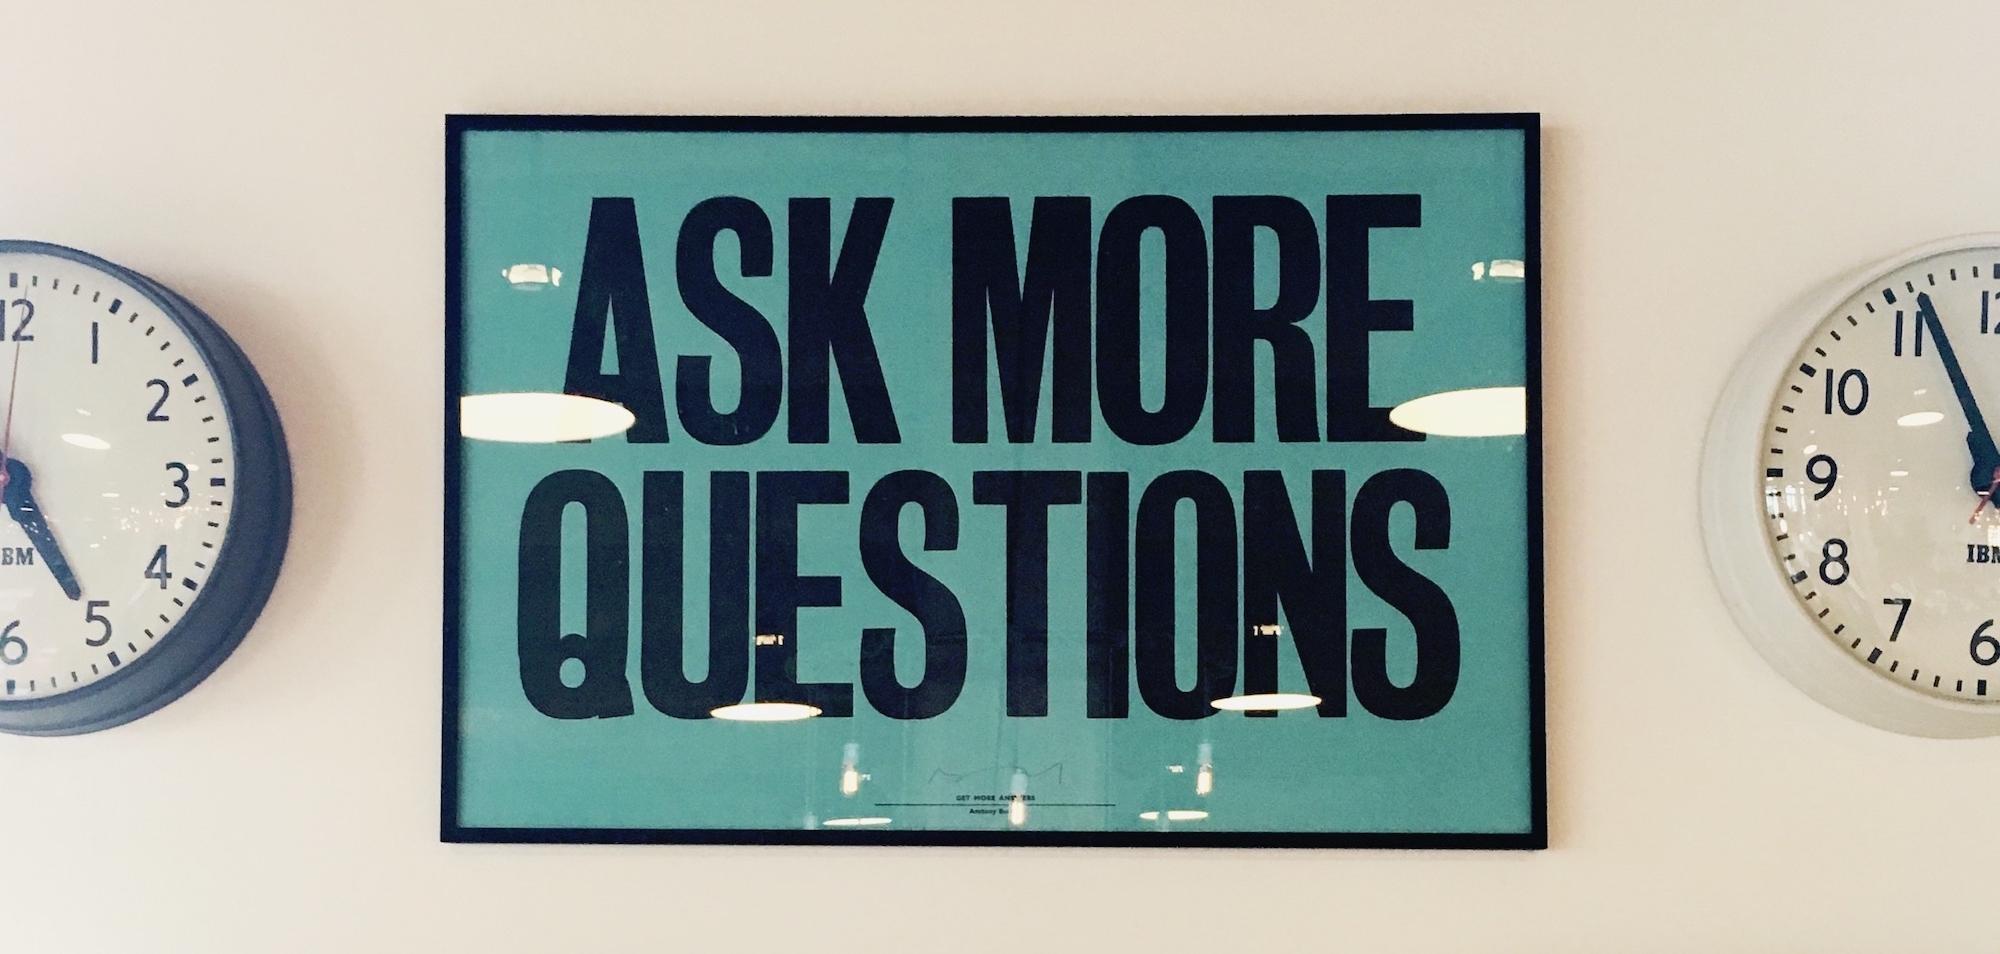 Fragen um zu wissen.